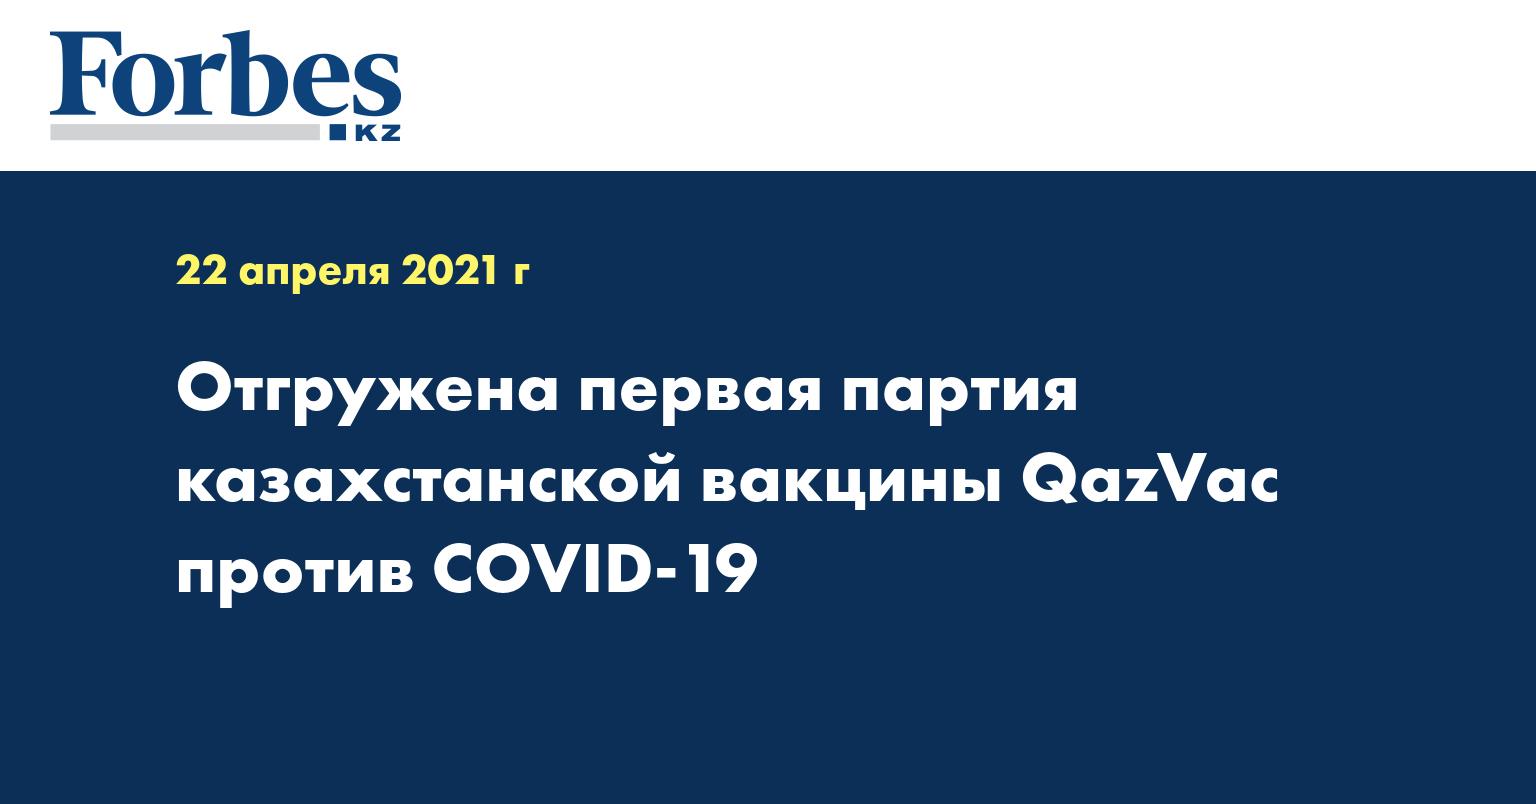 Отгружена первая партия казахстанской вакцины QazVac против COVID-19